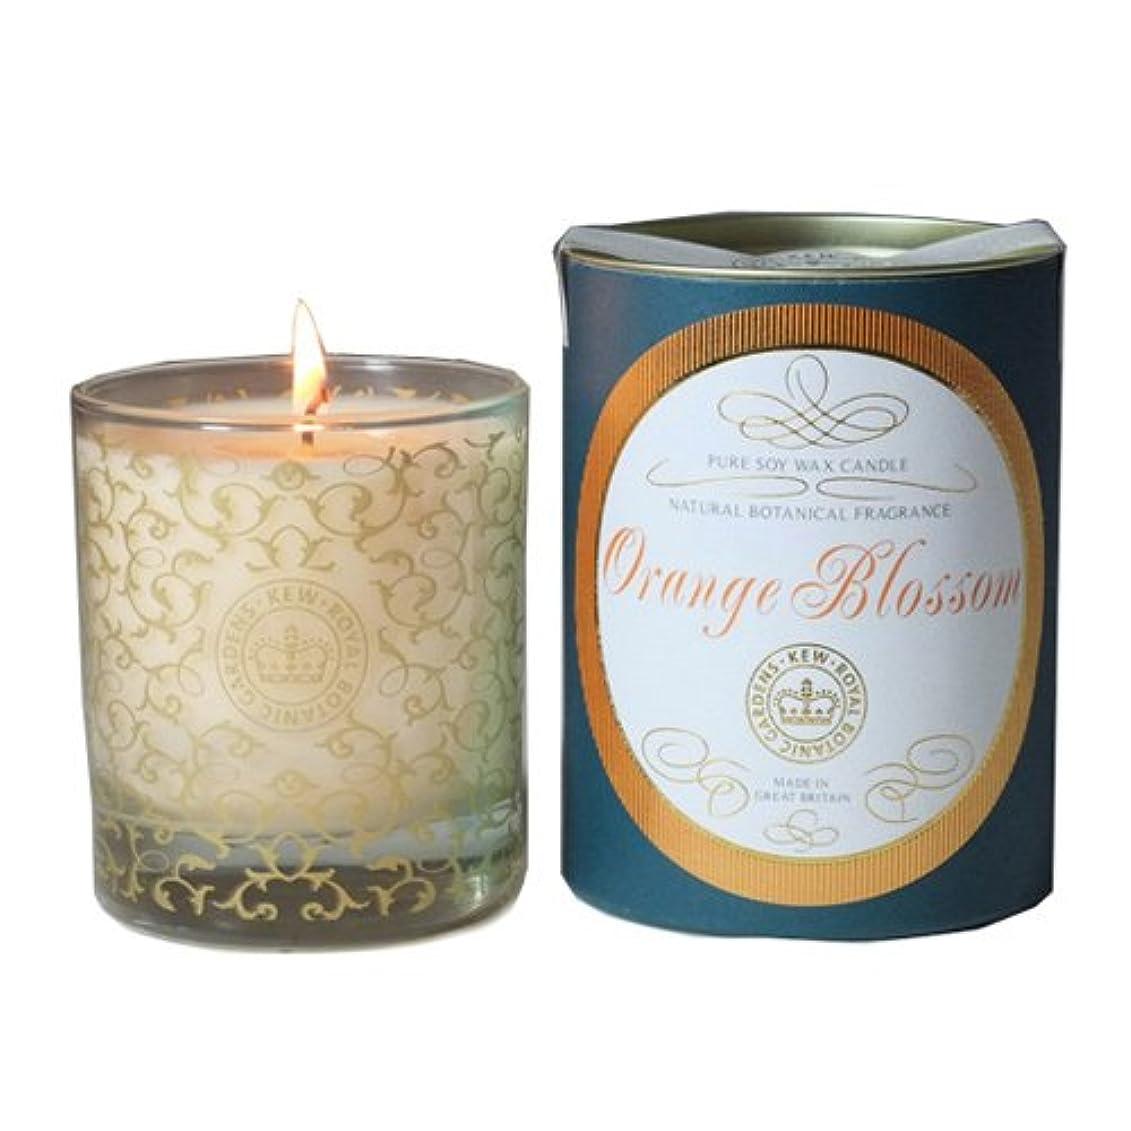 宣言する脱走無声でCANOVA キューヴィンテージ グラスキャンドル オレンジブロッサム Kew Vintage GlassCandle OrangeBlossom カノーバ